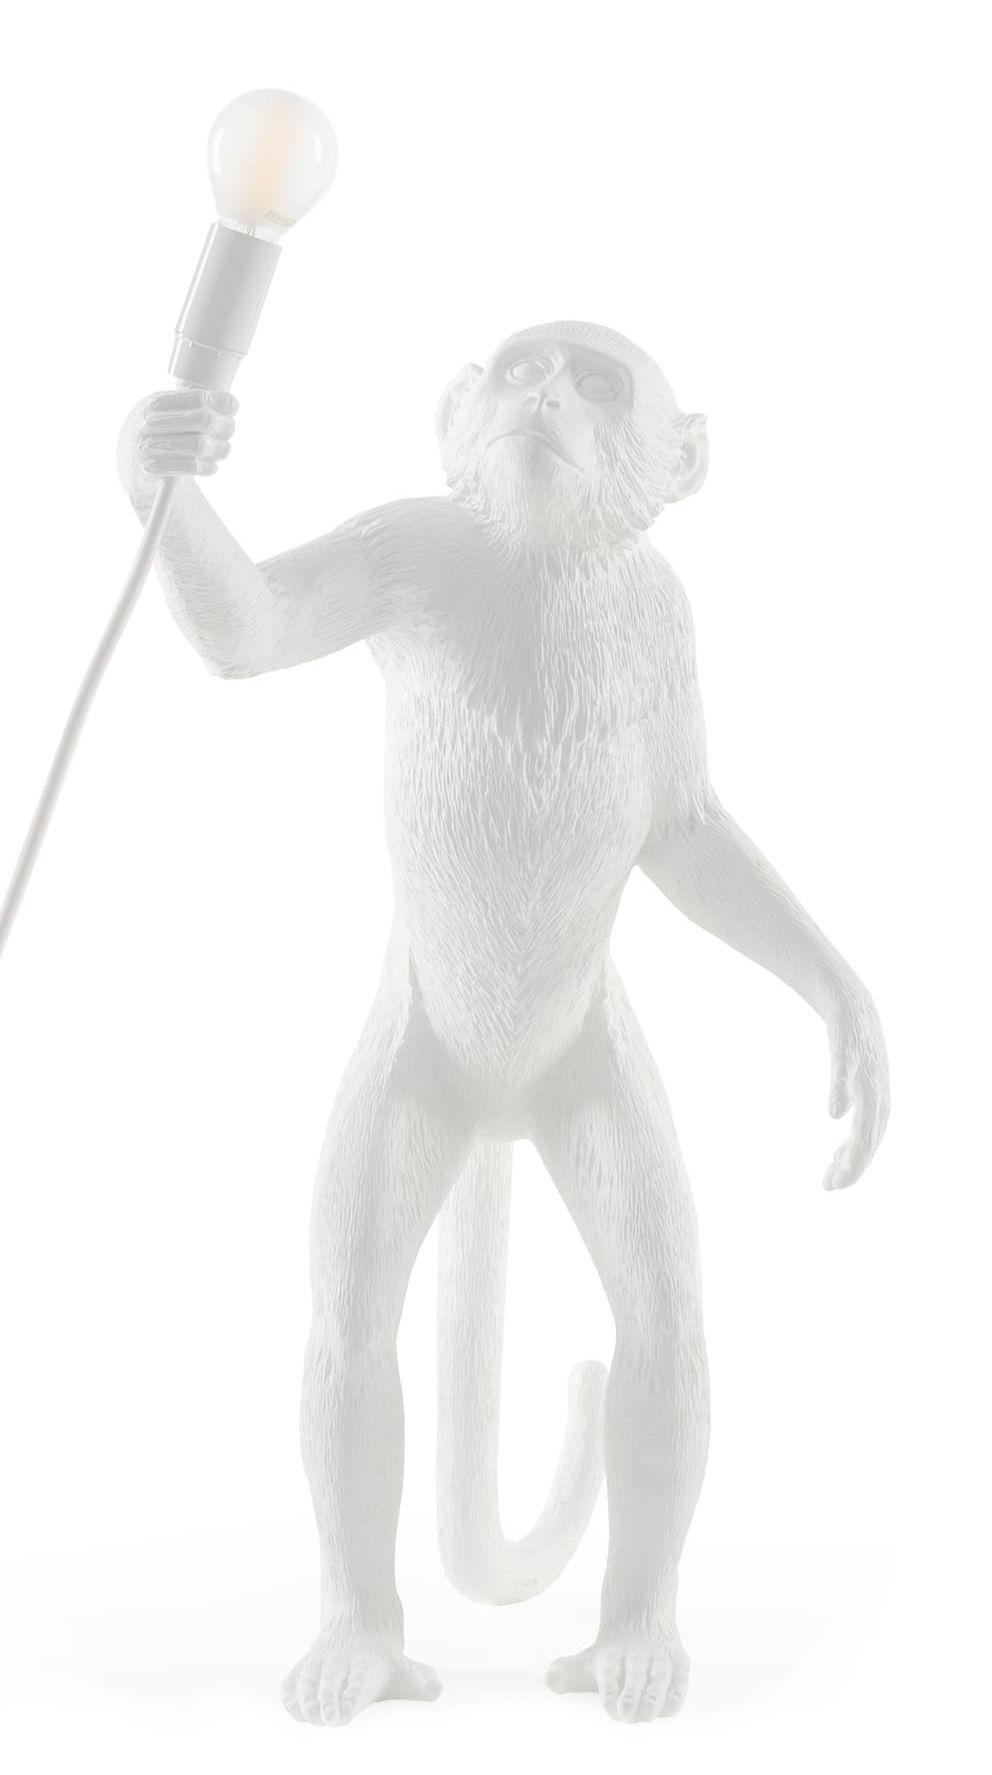 Luminaire - Lampes de table - Lampe de table Monkey Standing / Outdoor - H 54 cm - Seletti - Blanc - Résine